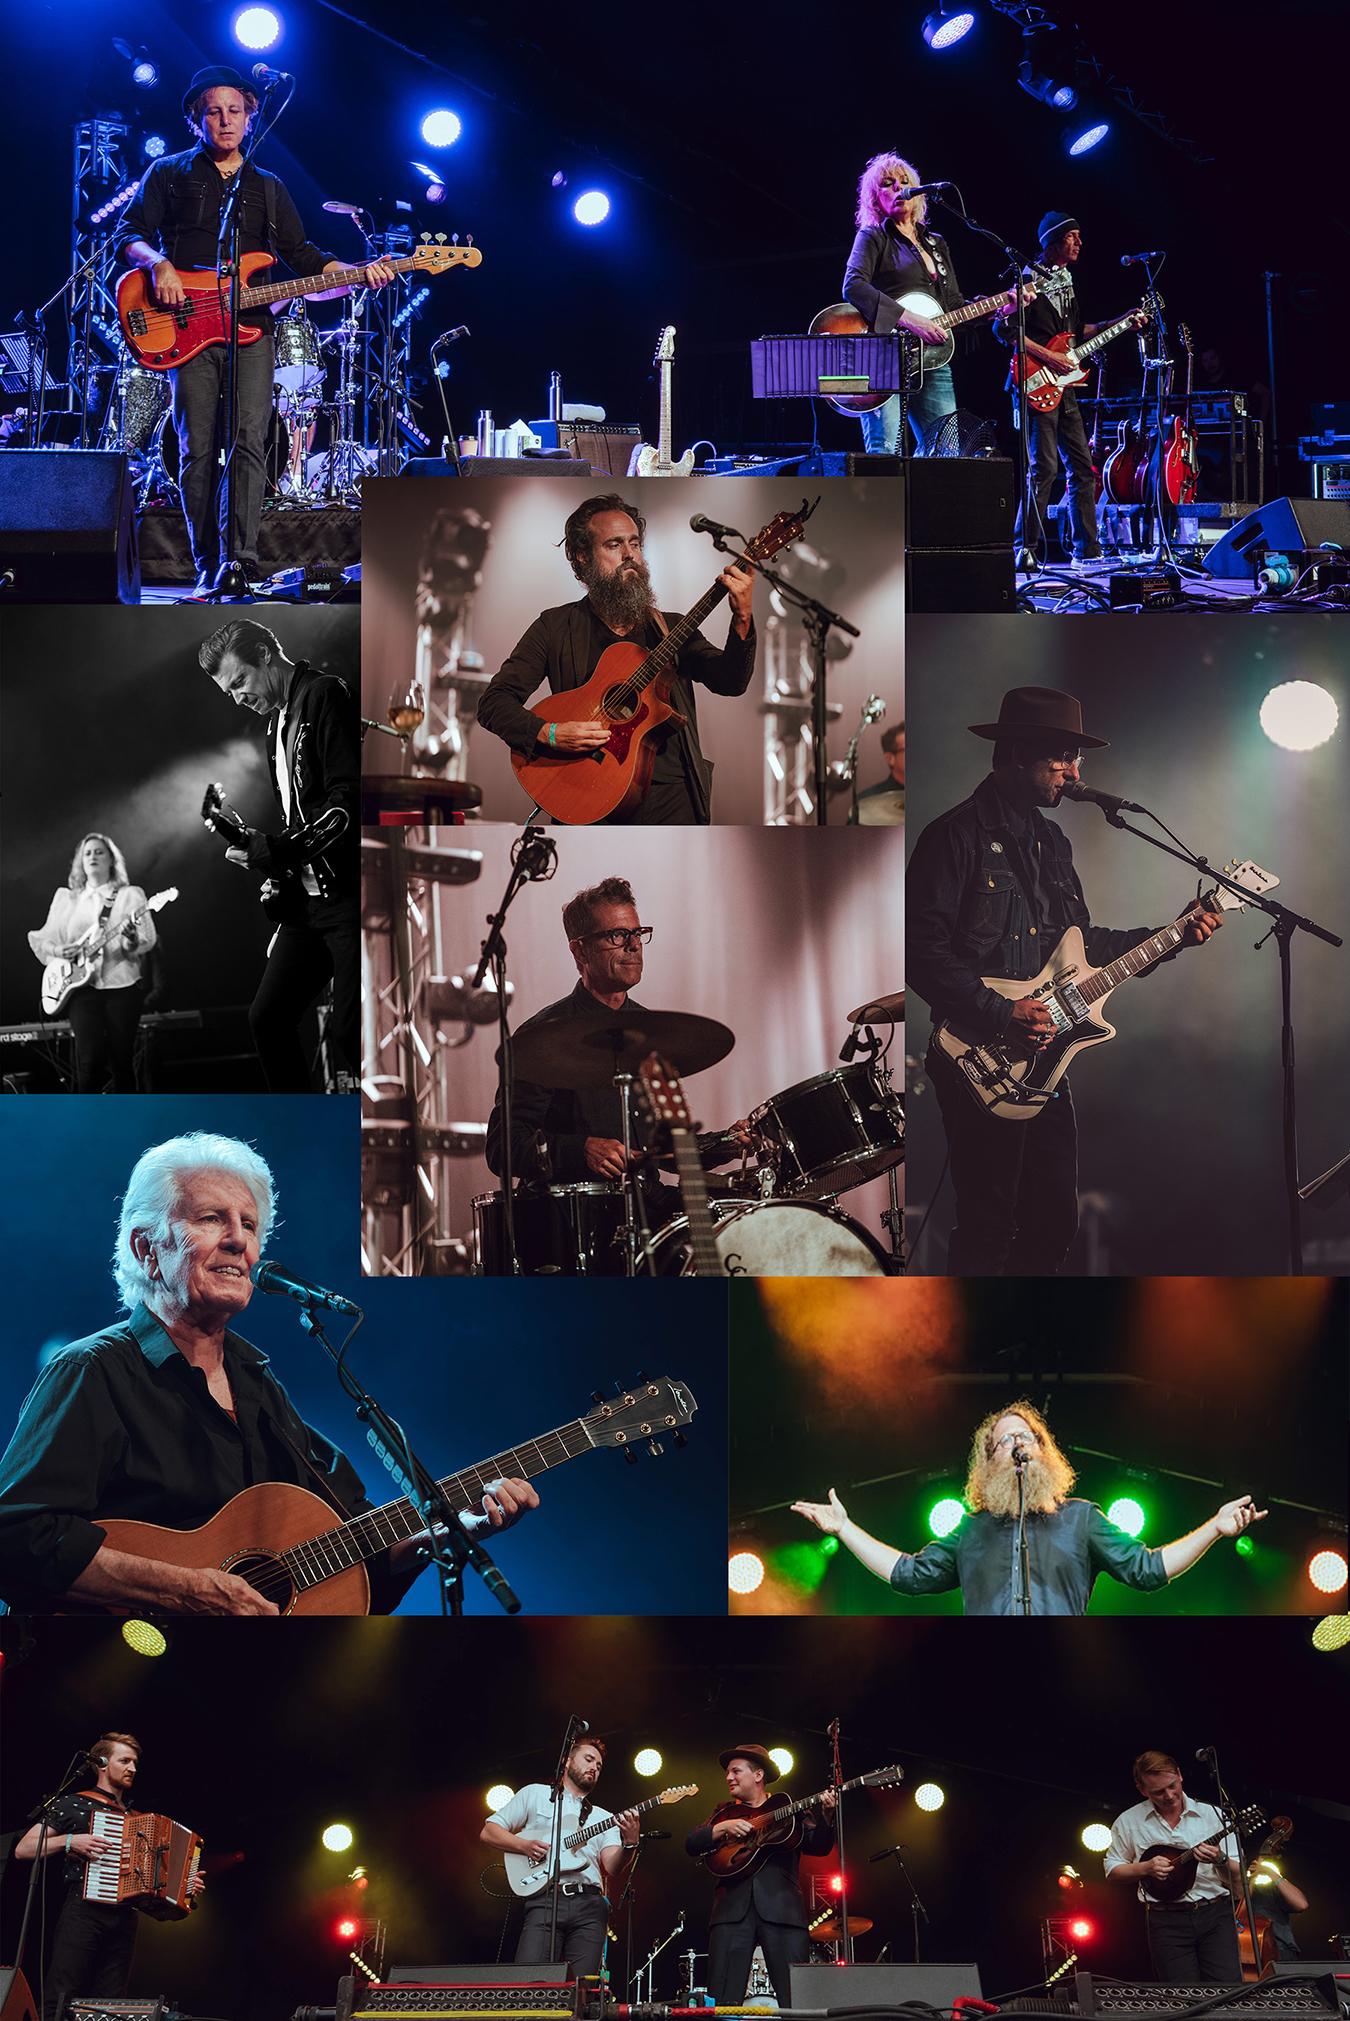 cambridgefolkfestival_collage.jpg